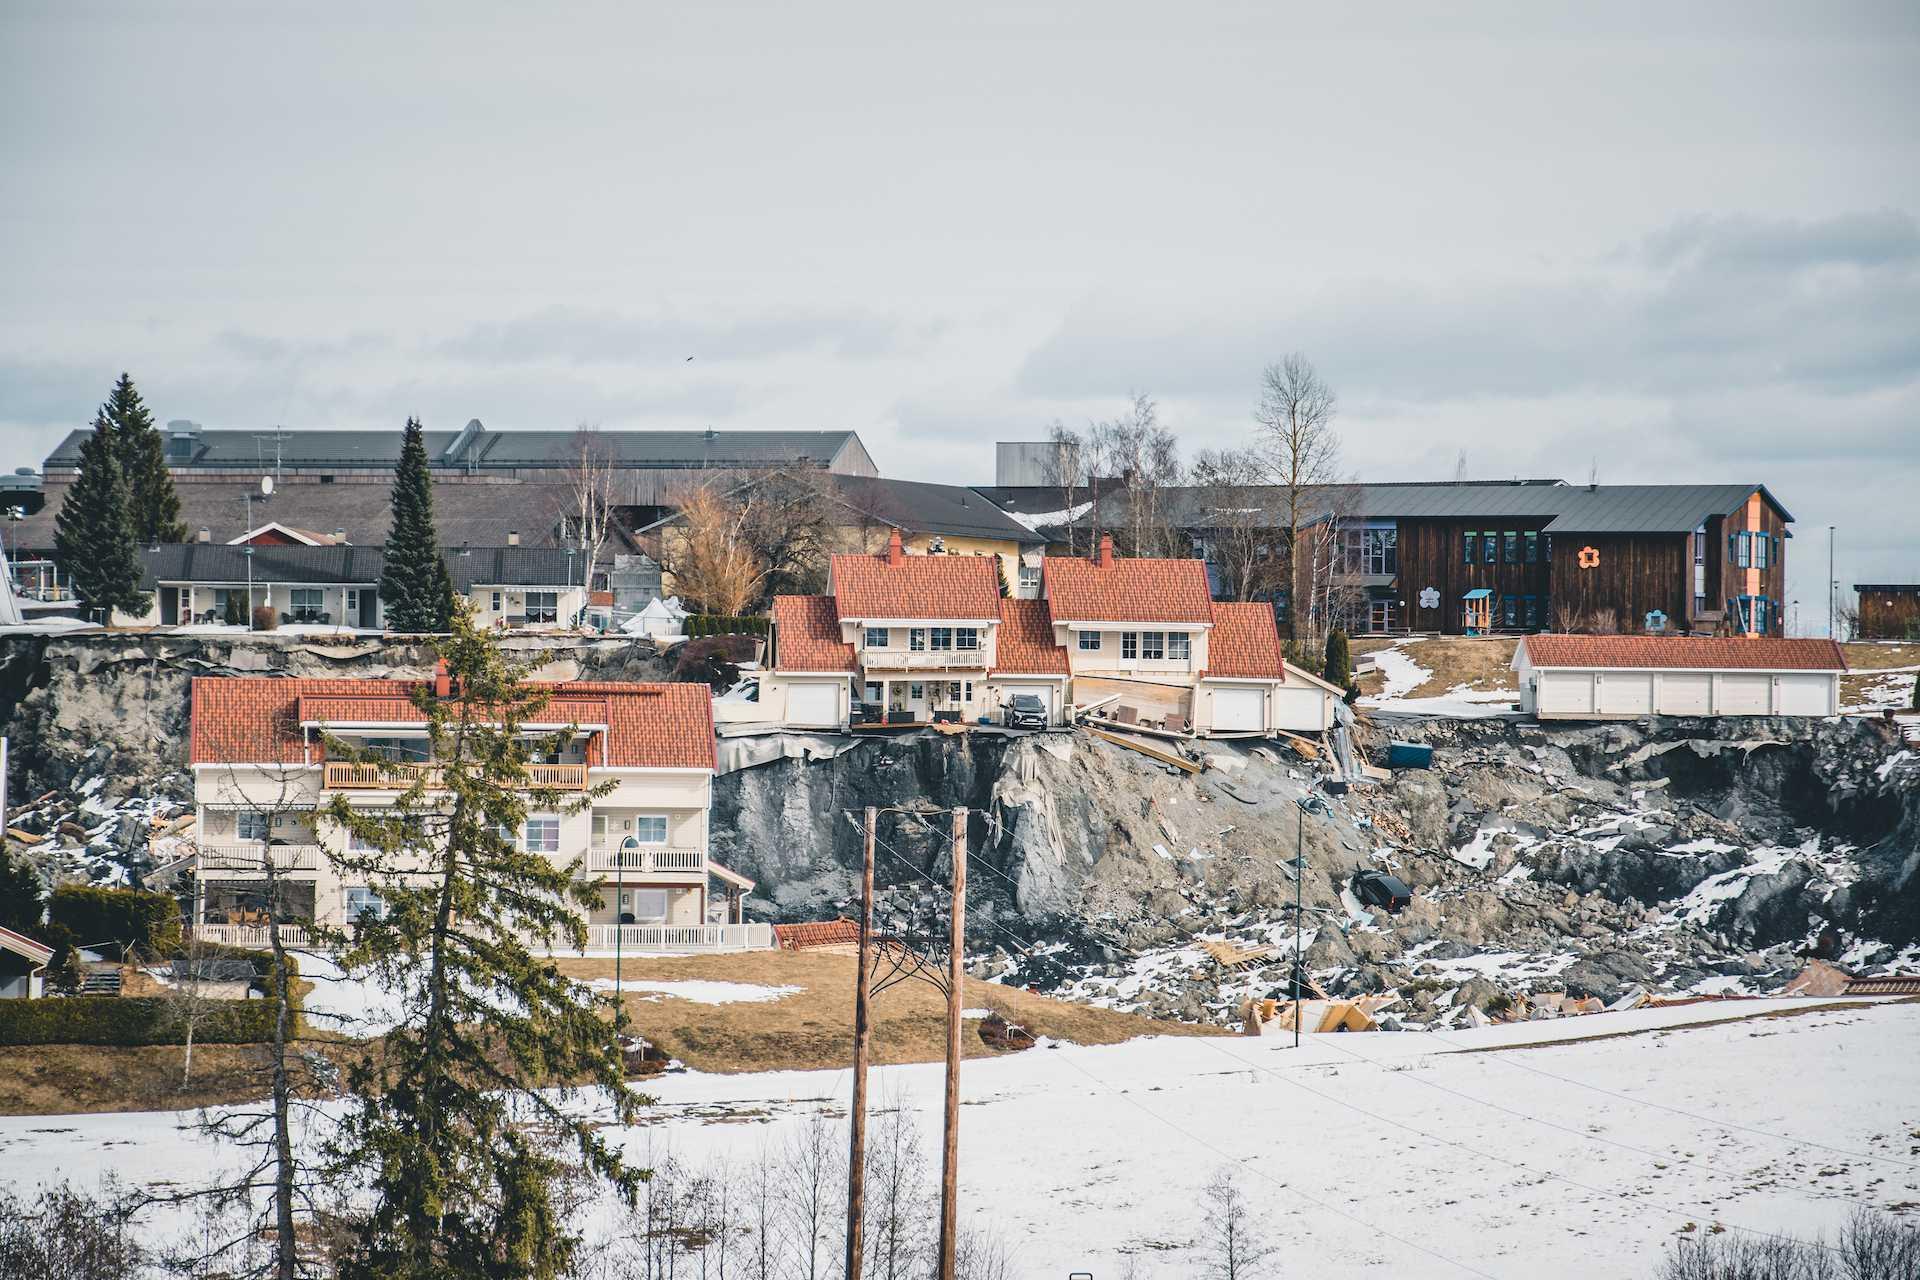 katastrofa wNorwegii